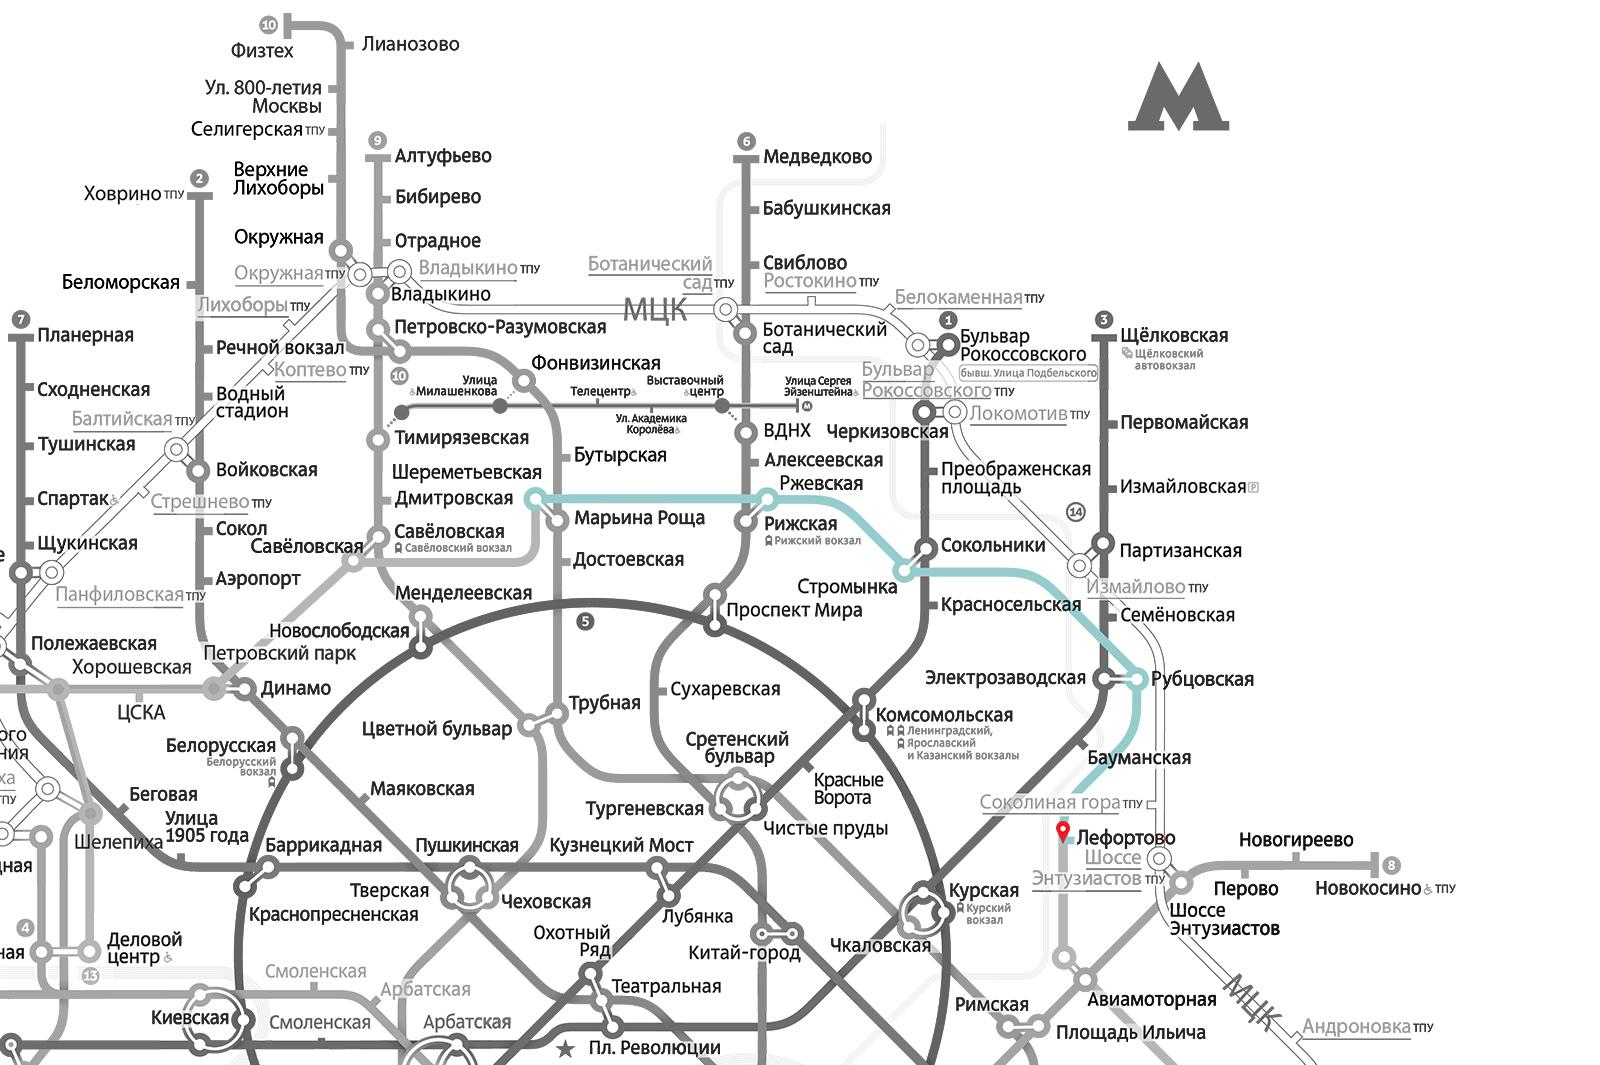 Где можно открыть больничный лист в Москве Восточное Бирюлёво